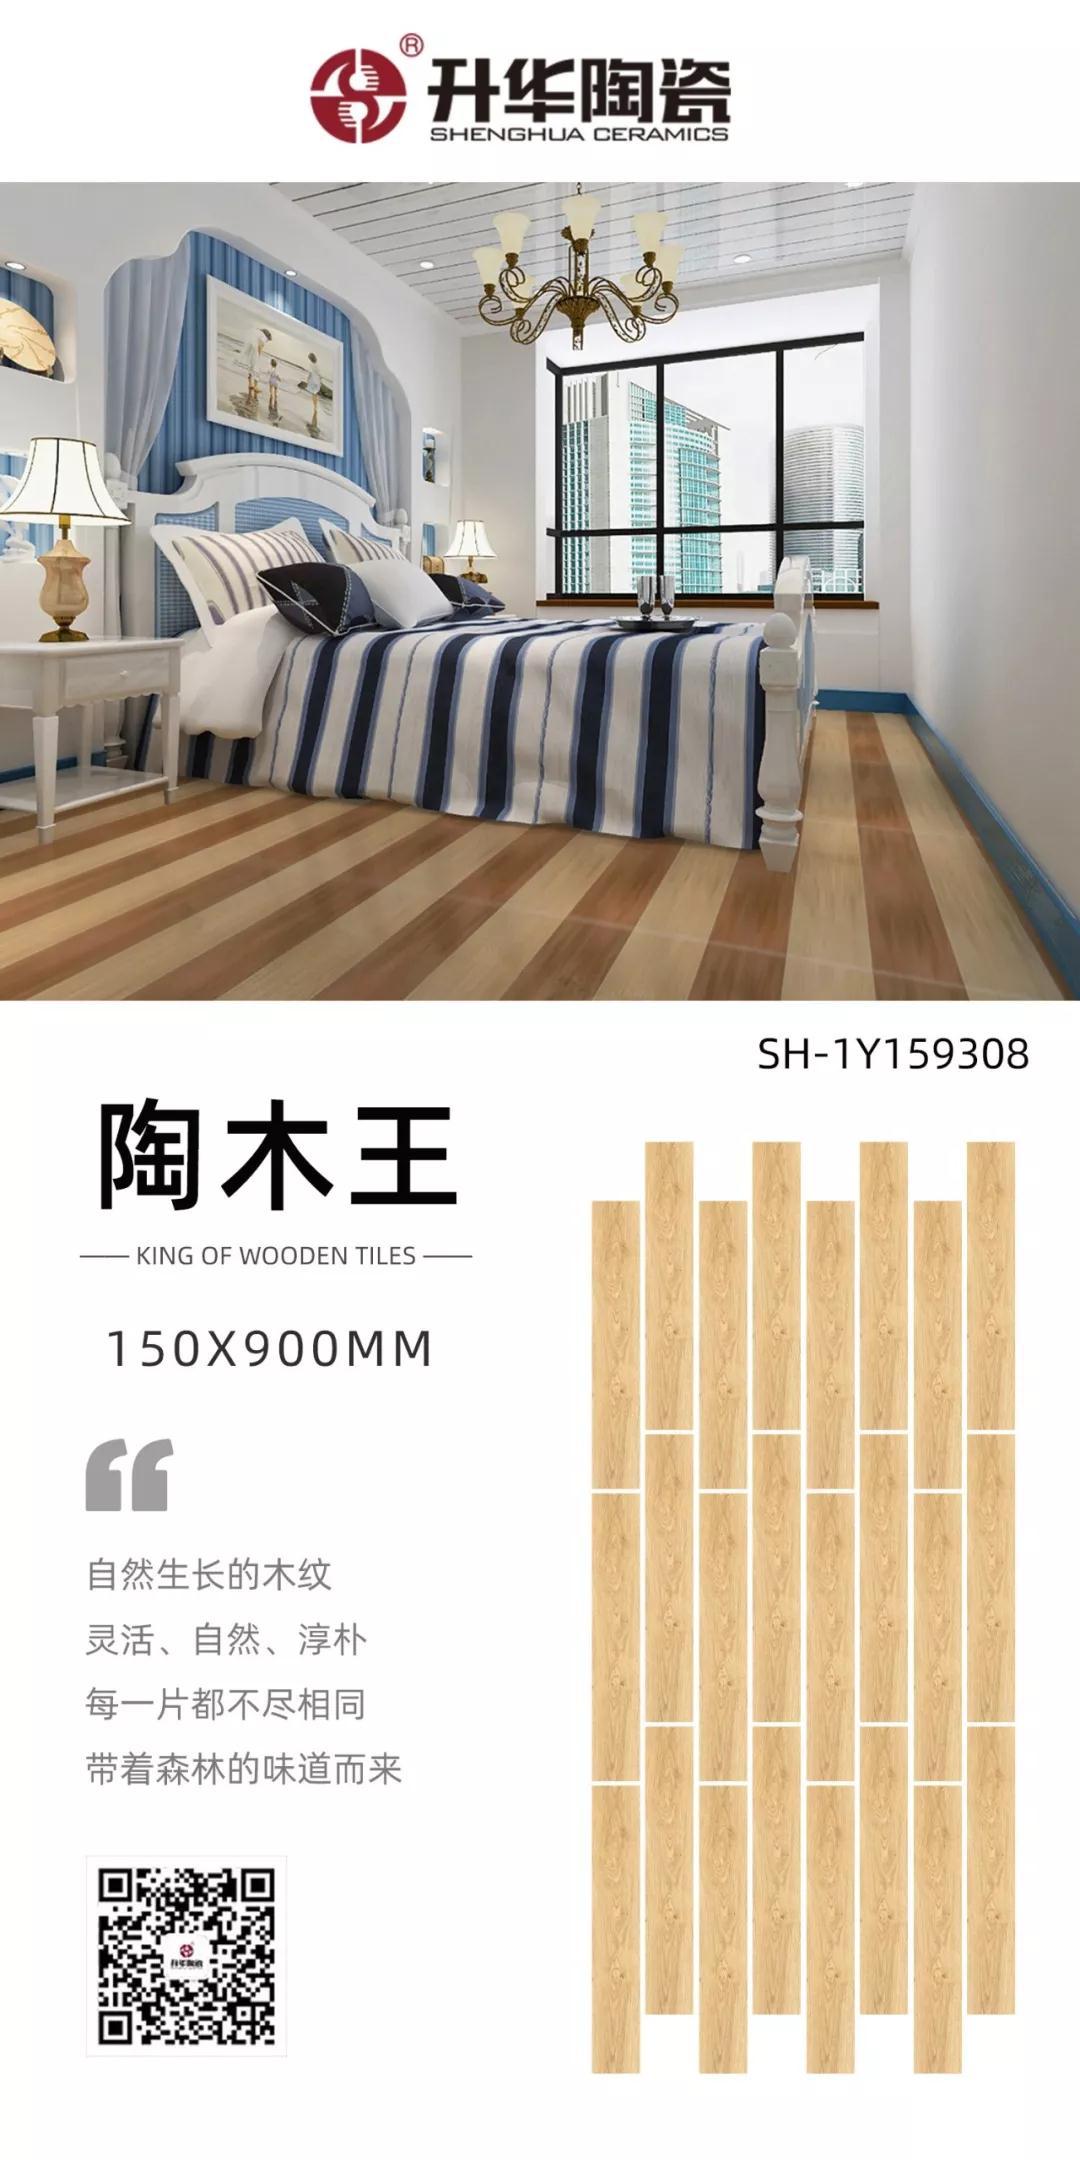 升华陶瓷陶木王系列